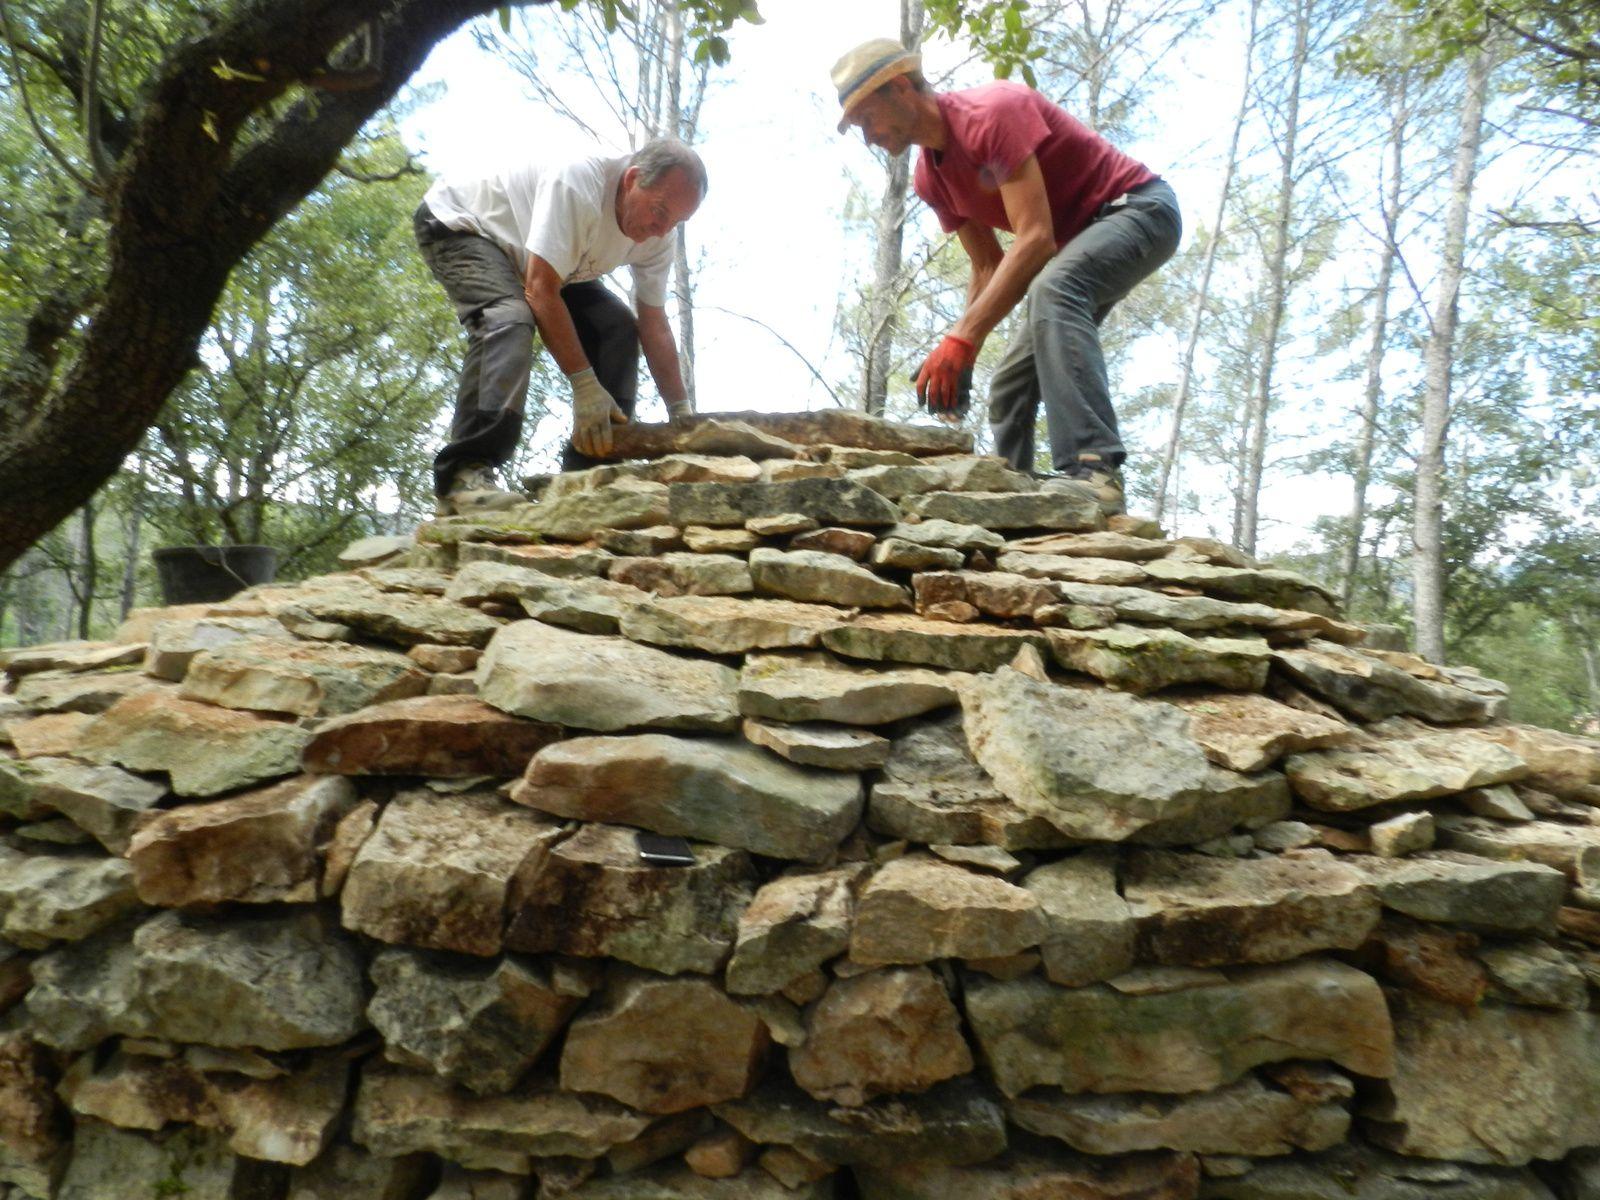 Cette fois, on pose la dernière pierre. La cabane est restaurée.